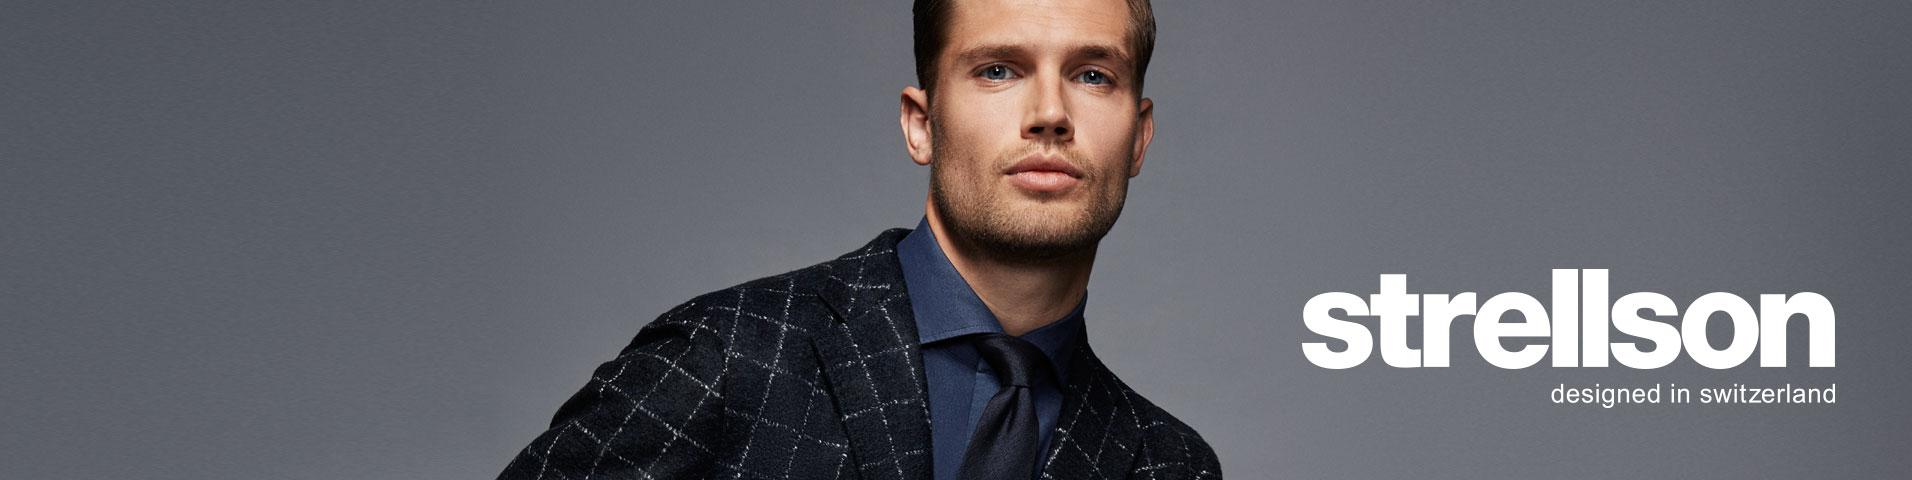 Strellson Herrenbekleidung versandkostenfrei online shoppen